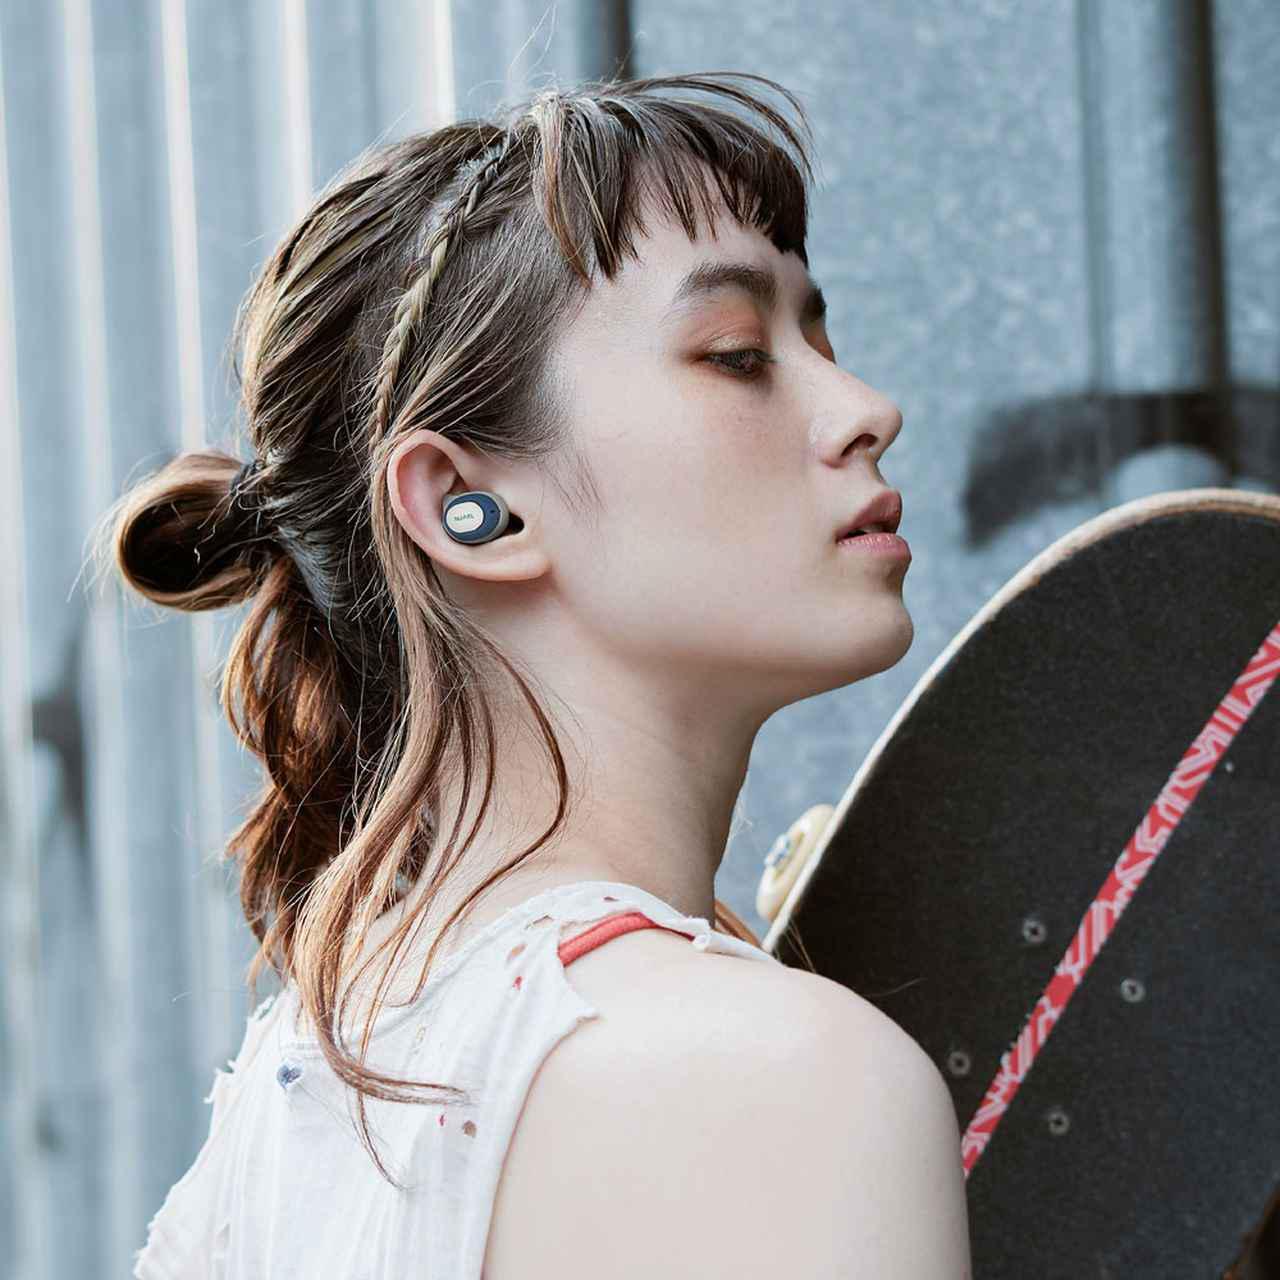 画像: NUARL、aptX Adaptive対応の完全ワイヤレスイヤホン「N6 Sports」を発売。独自の低遅延ゲーミングモードも搭載 - Stereo Sound ONLINE